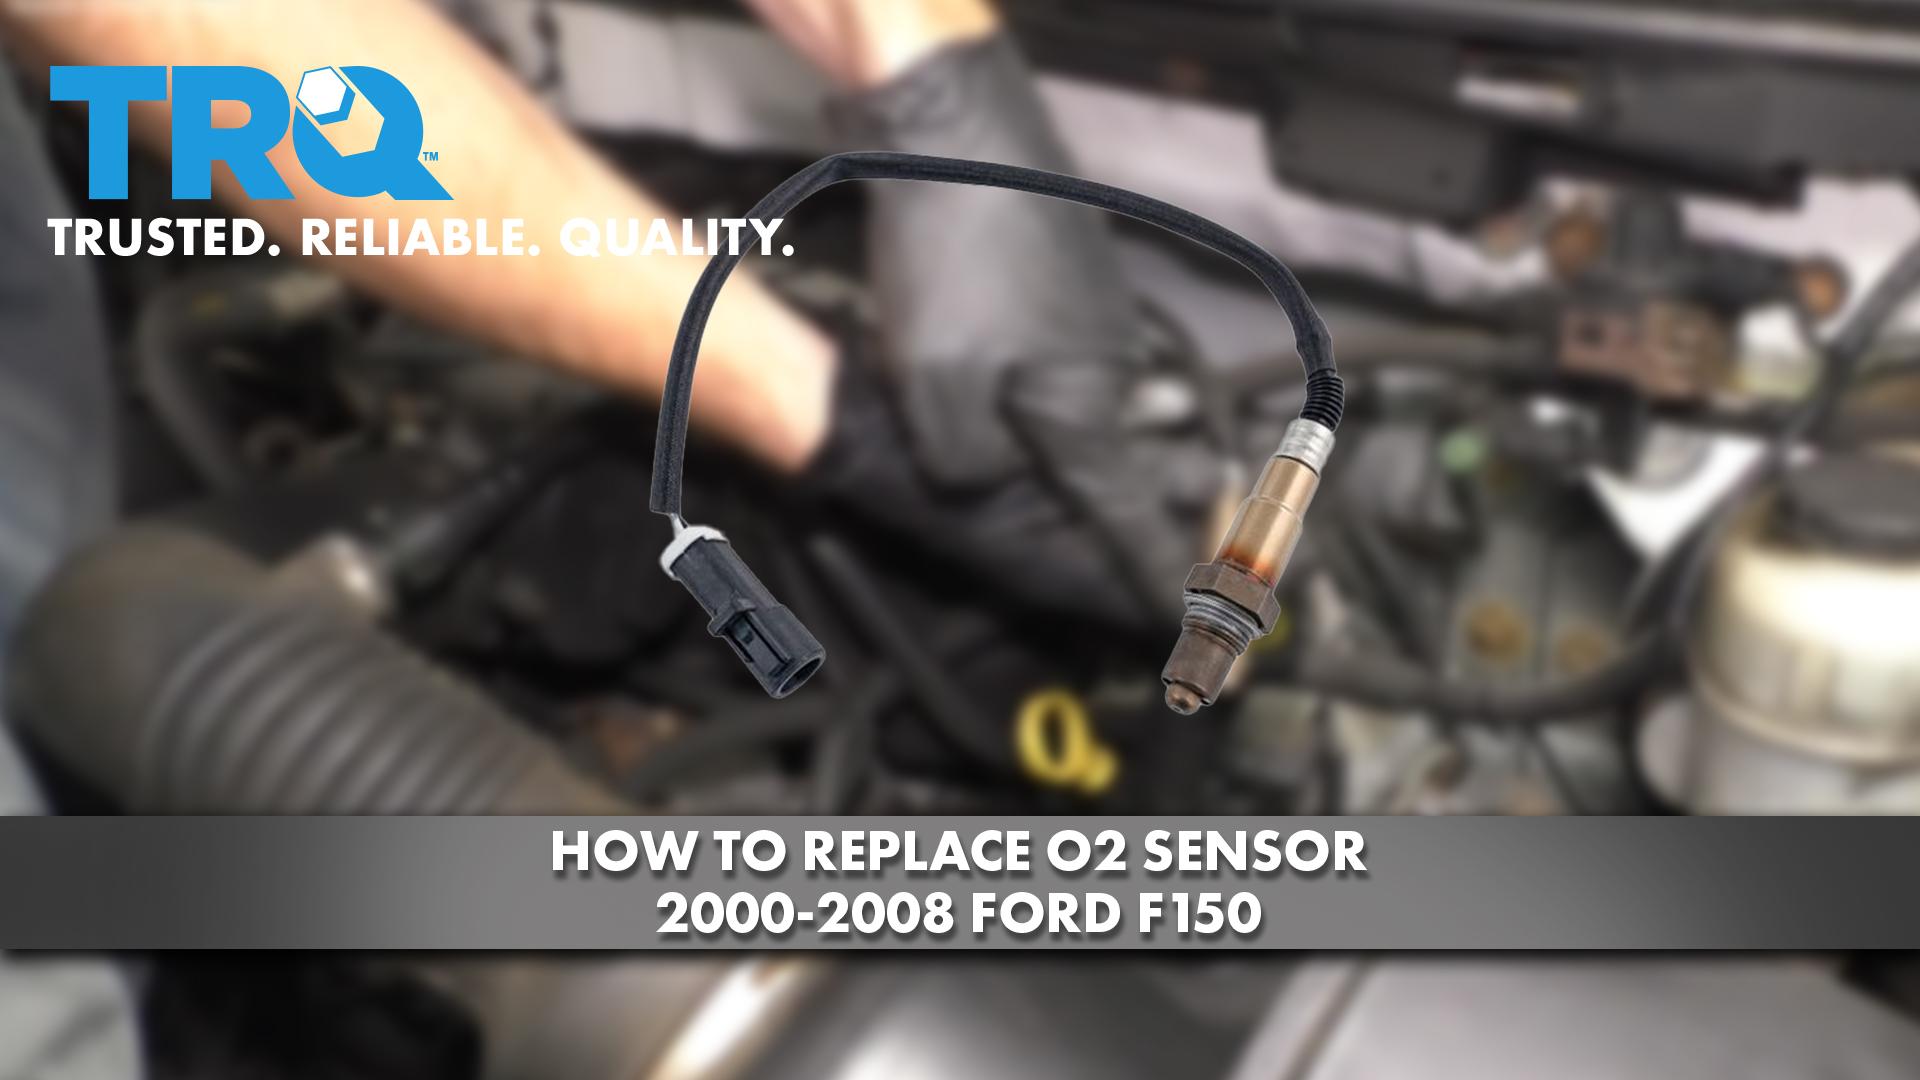 How to Replace Upstream O2 Sensor 2000-08 Ford F150